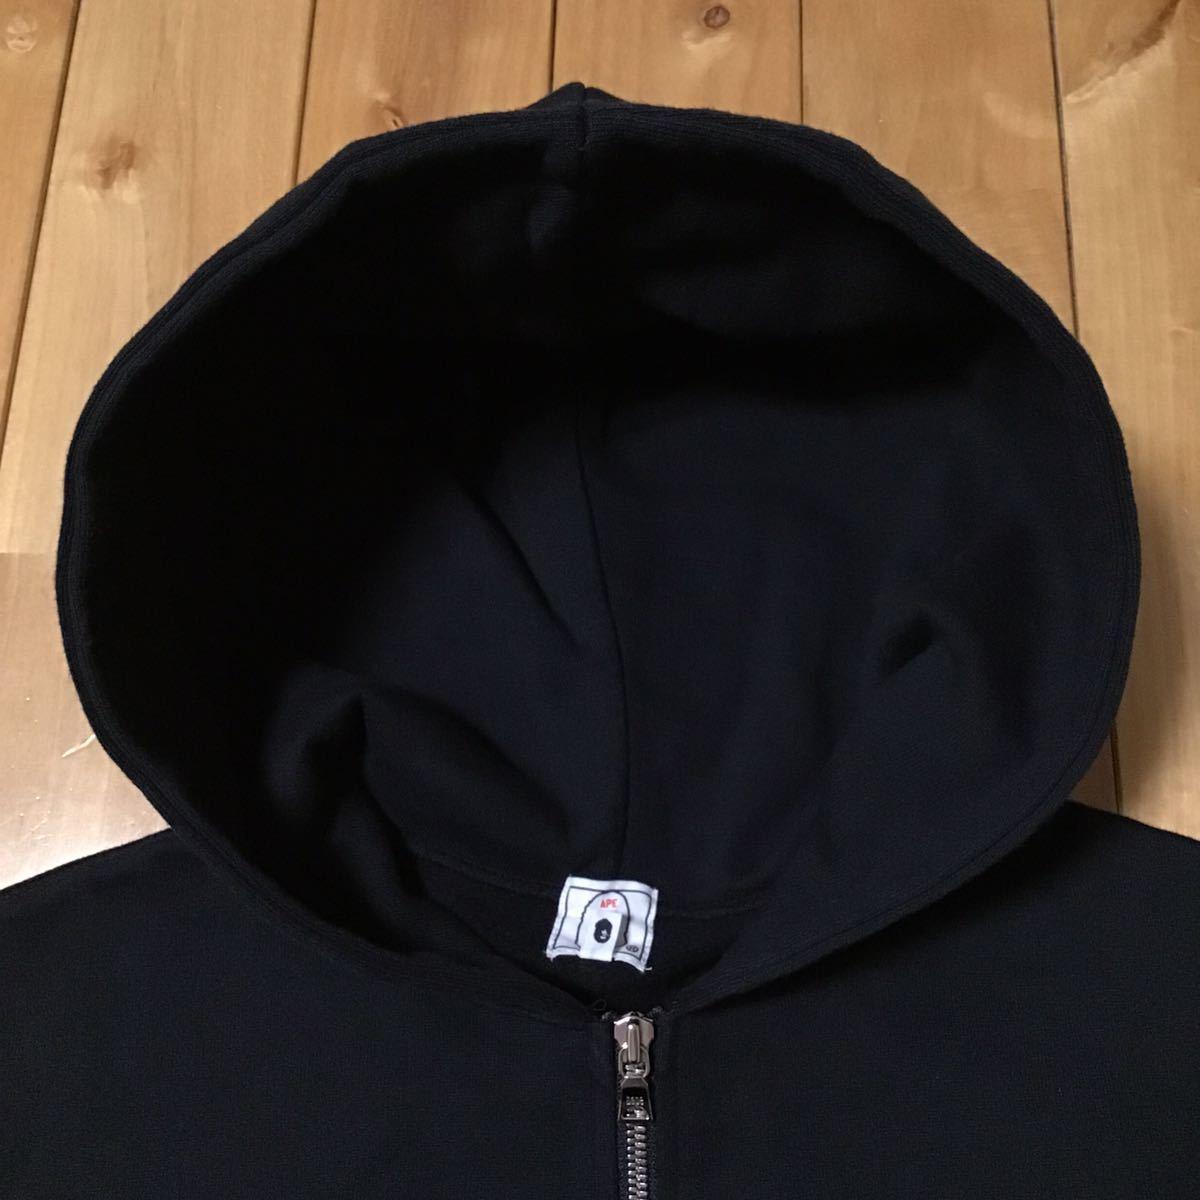 スワロフスキー スウェット フード ベスト Sサイズ a bathing ape bape swarovski hoodie vest エイプ ベイプ パーカー ラインストーン 396